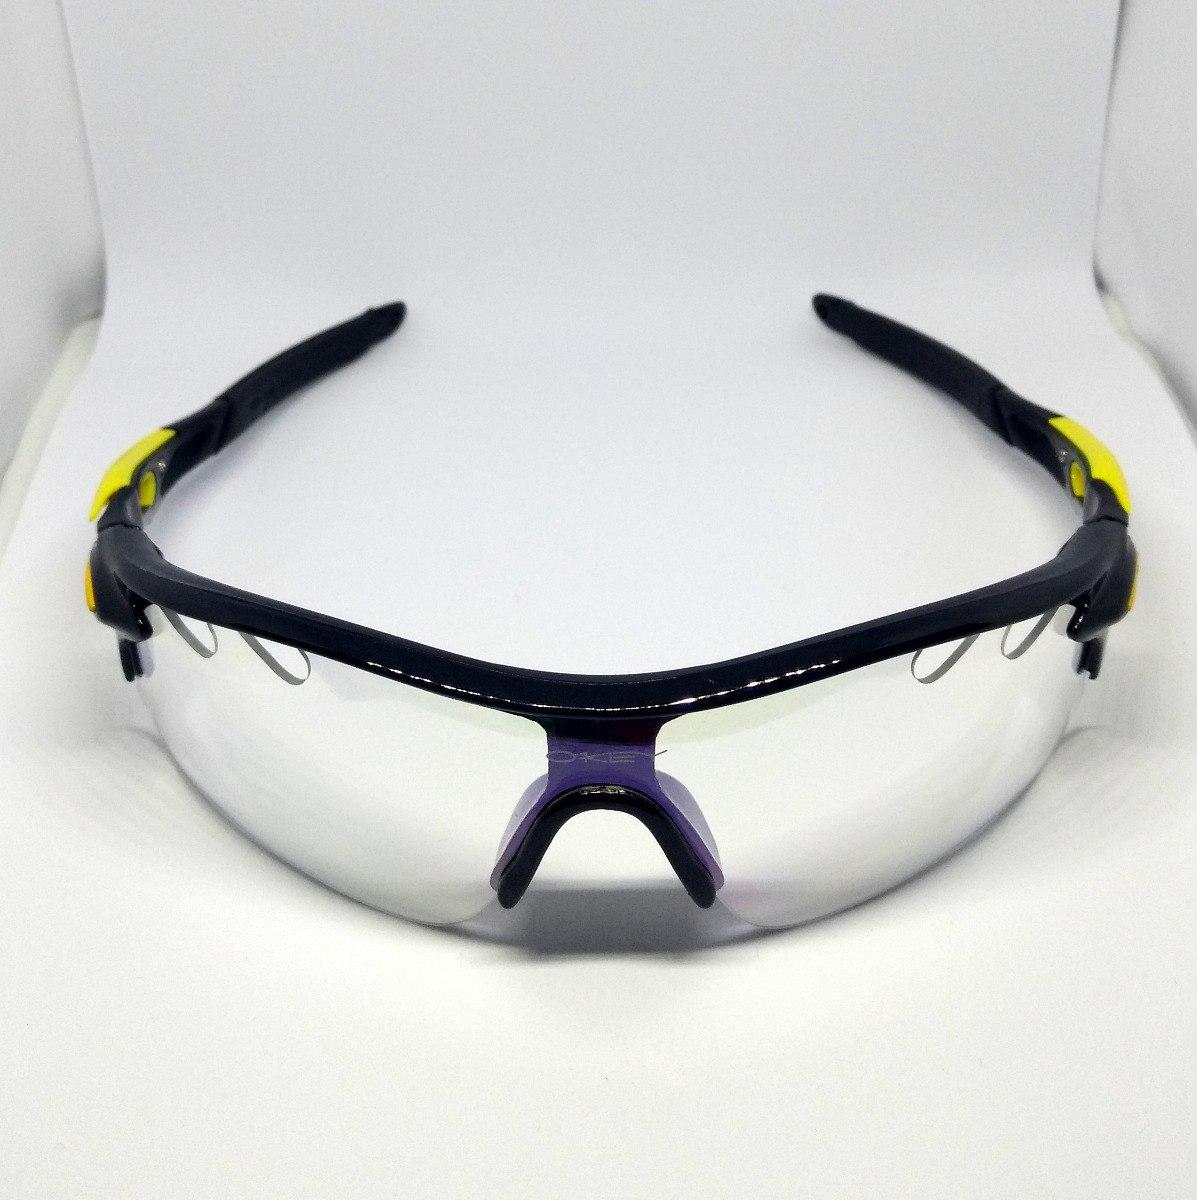 Oculos Visao Noturna Original Sport Promocao - R  117,84 em Mercado ... 626fb07a83